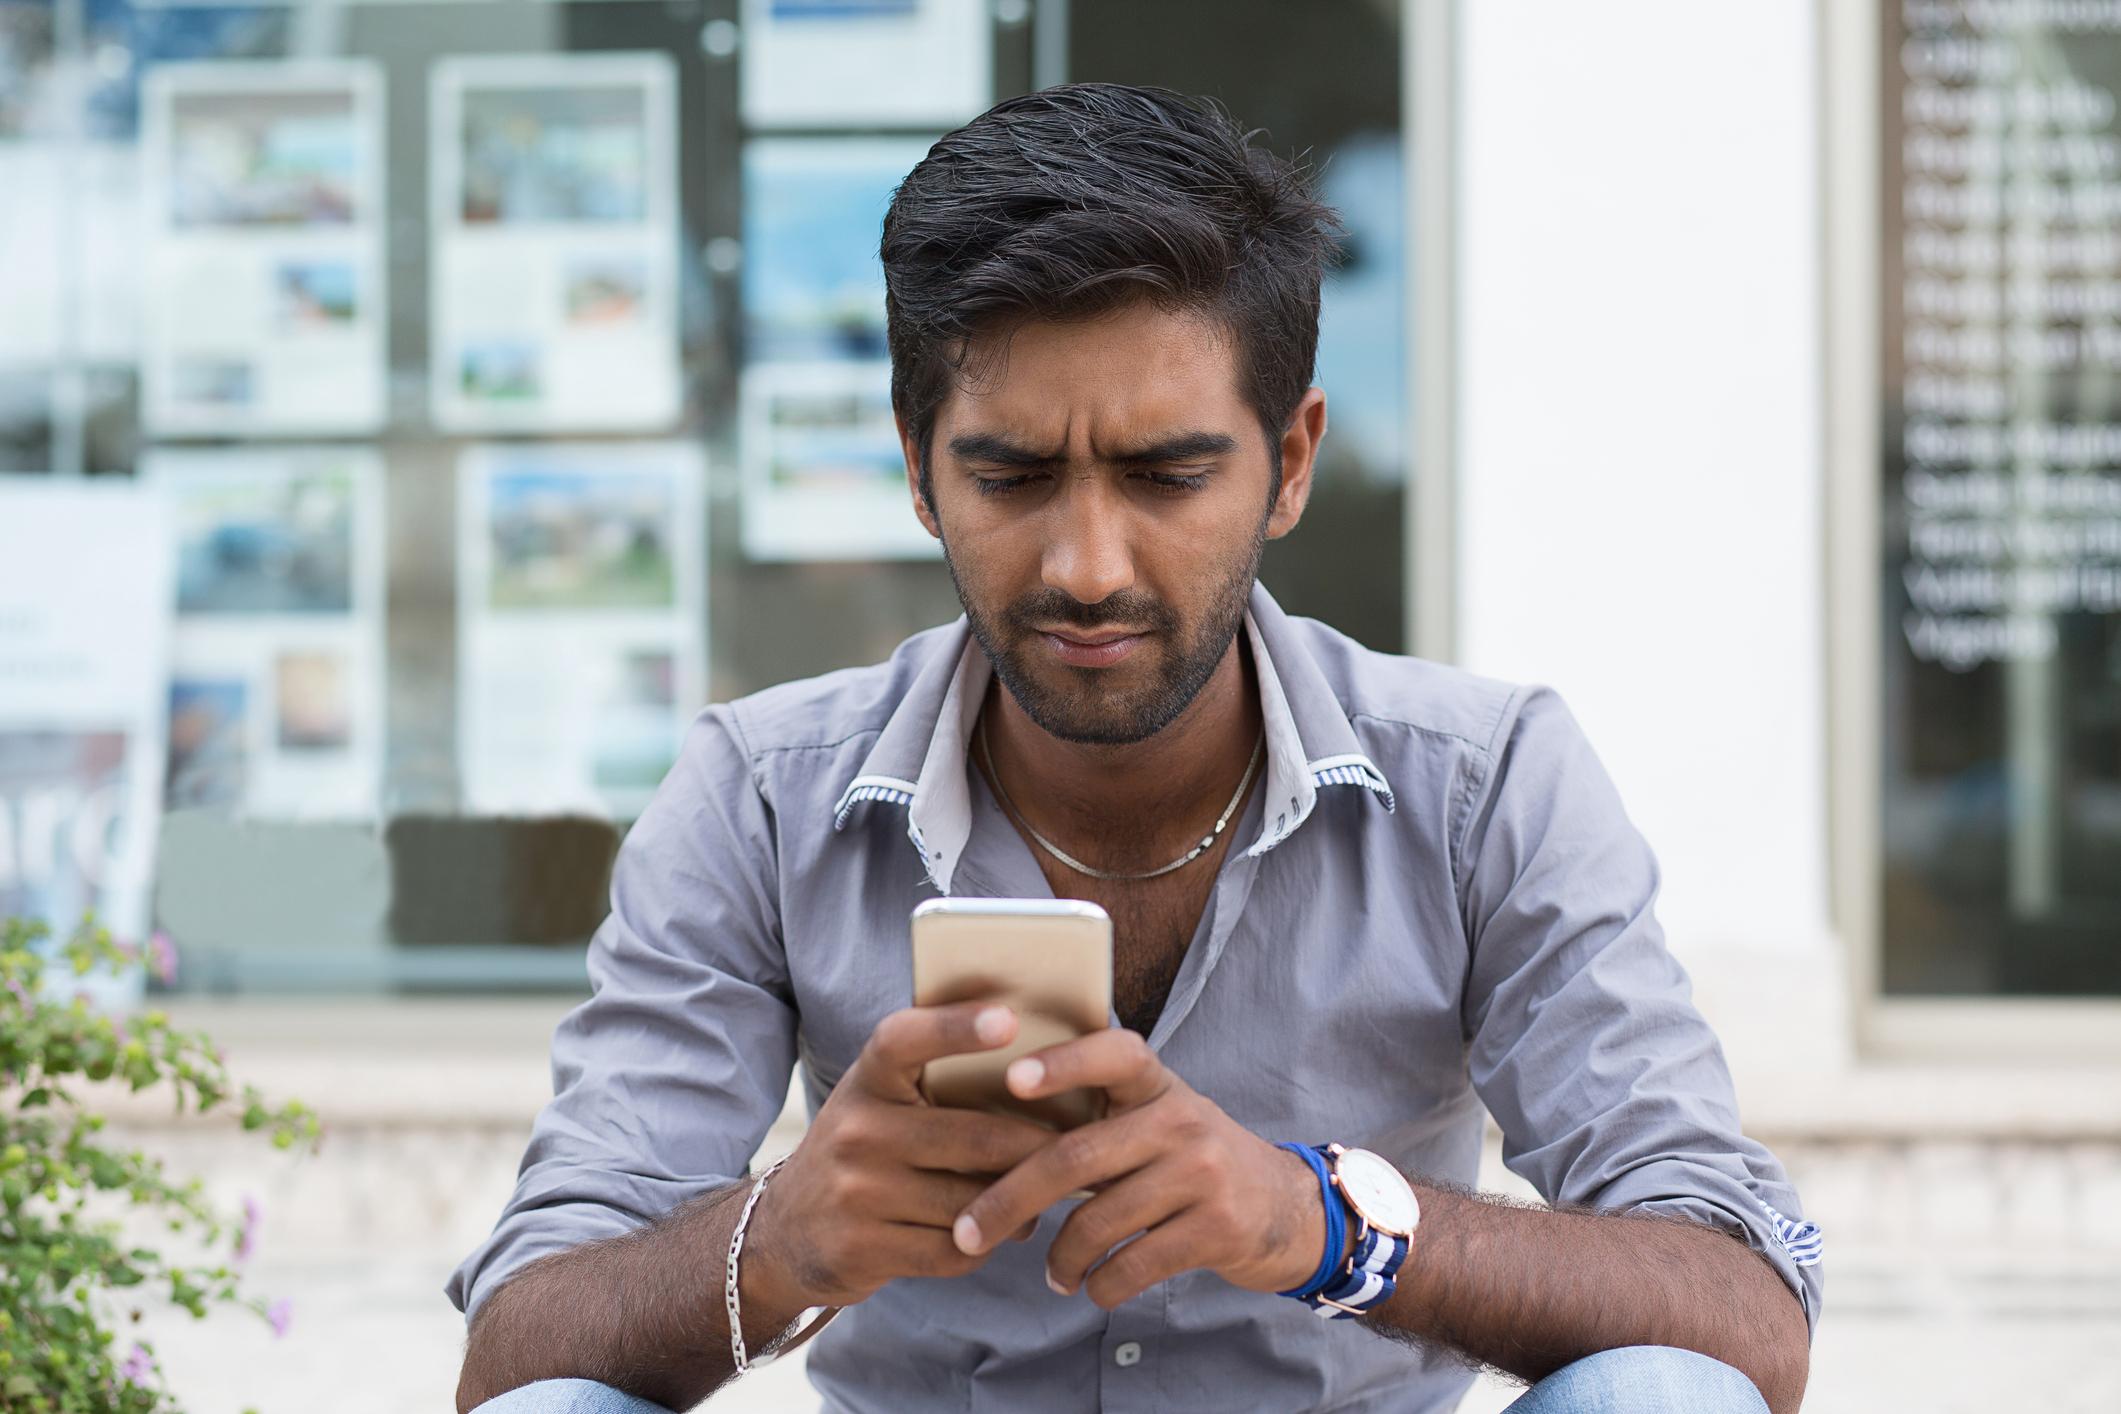 Man an looking at phone